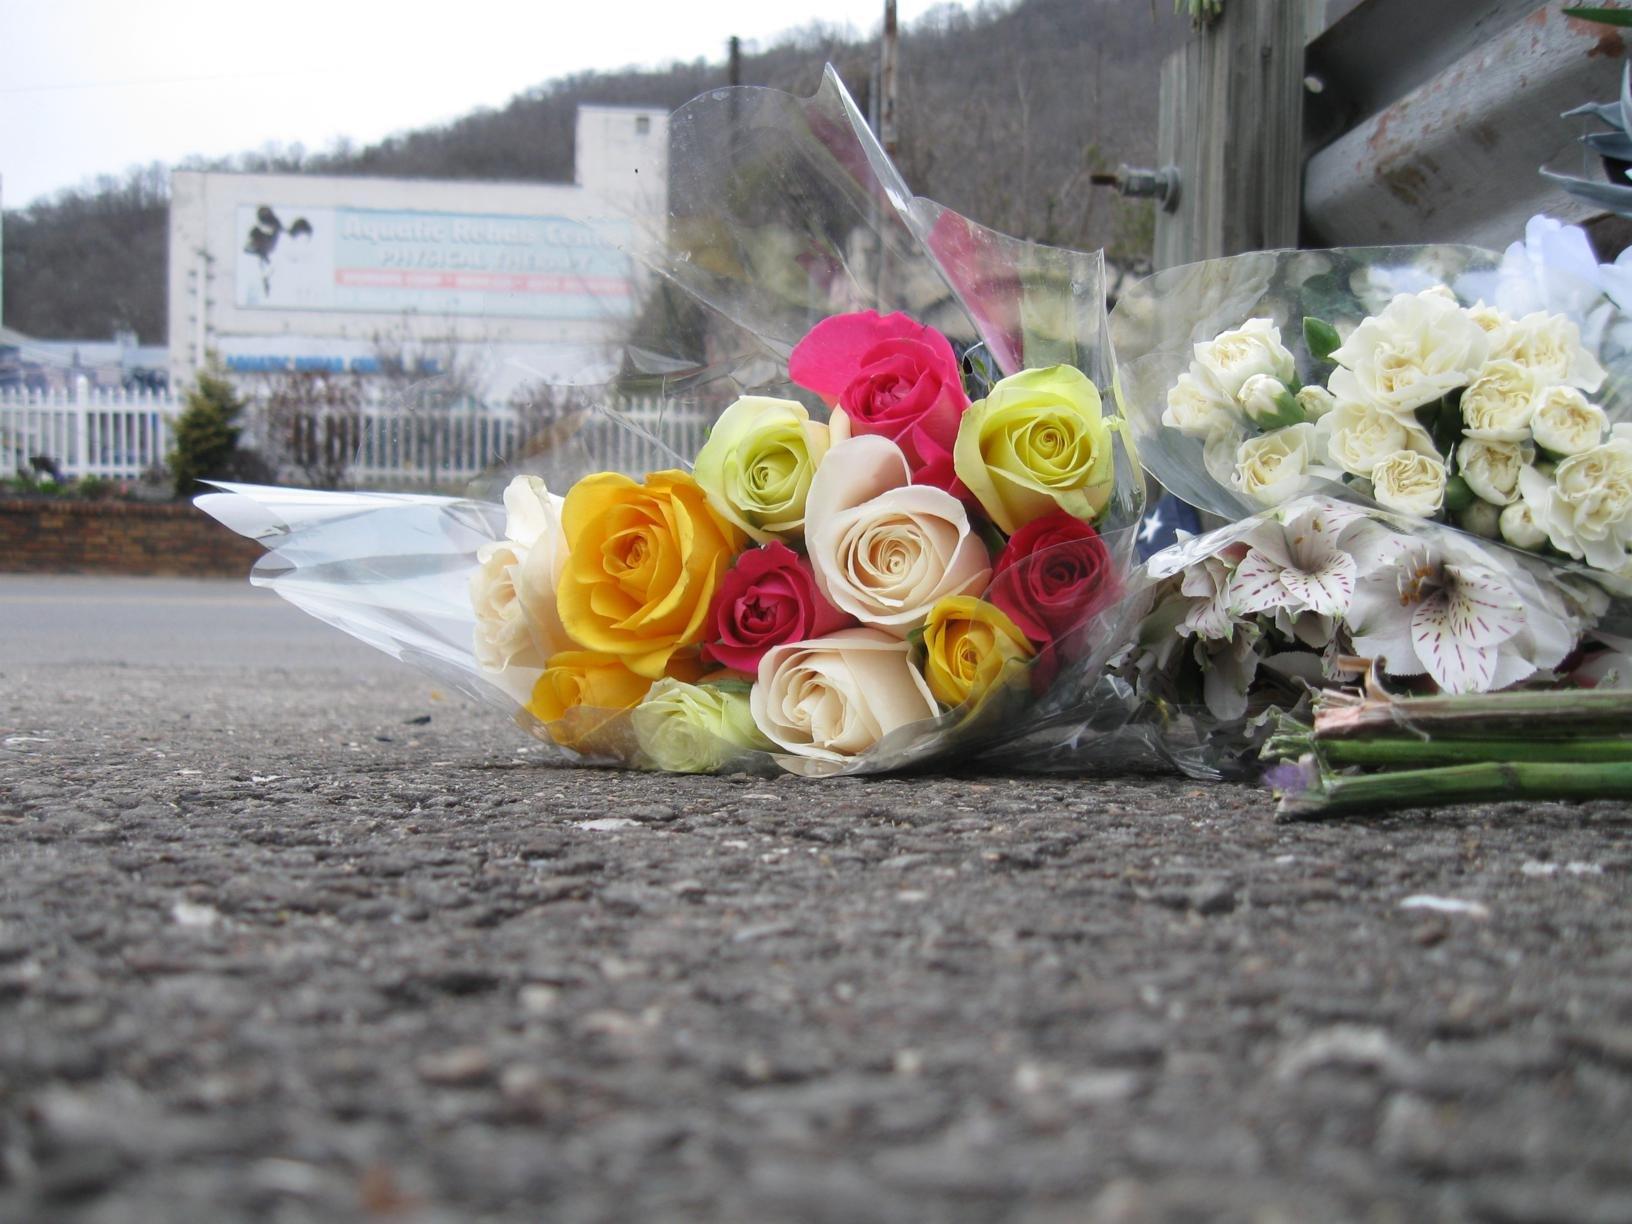 Flowers adorned Crum's memorial.